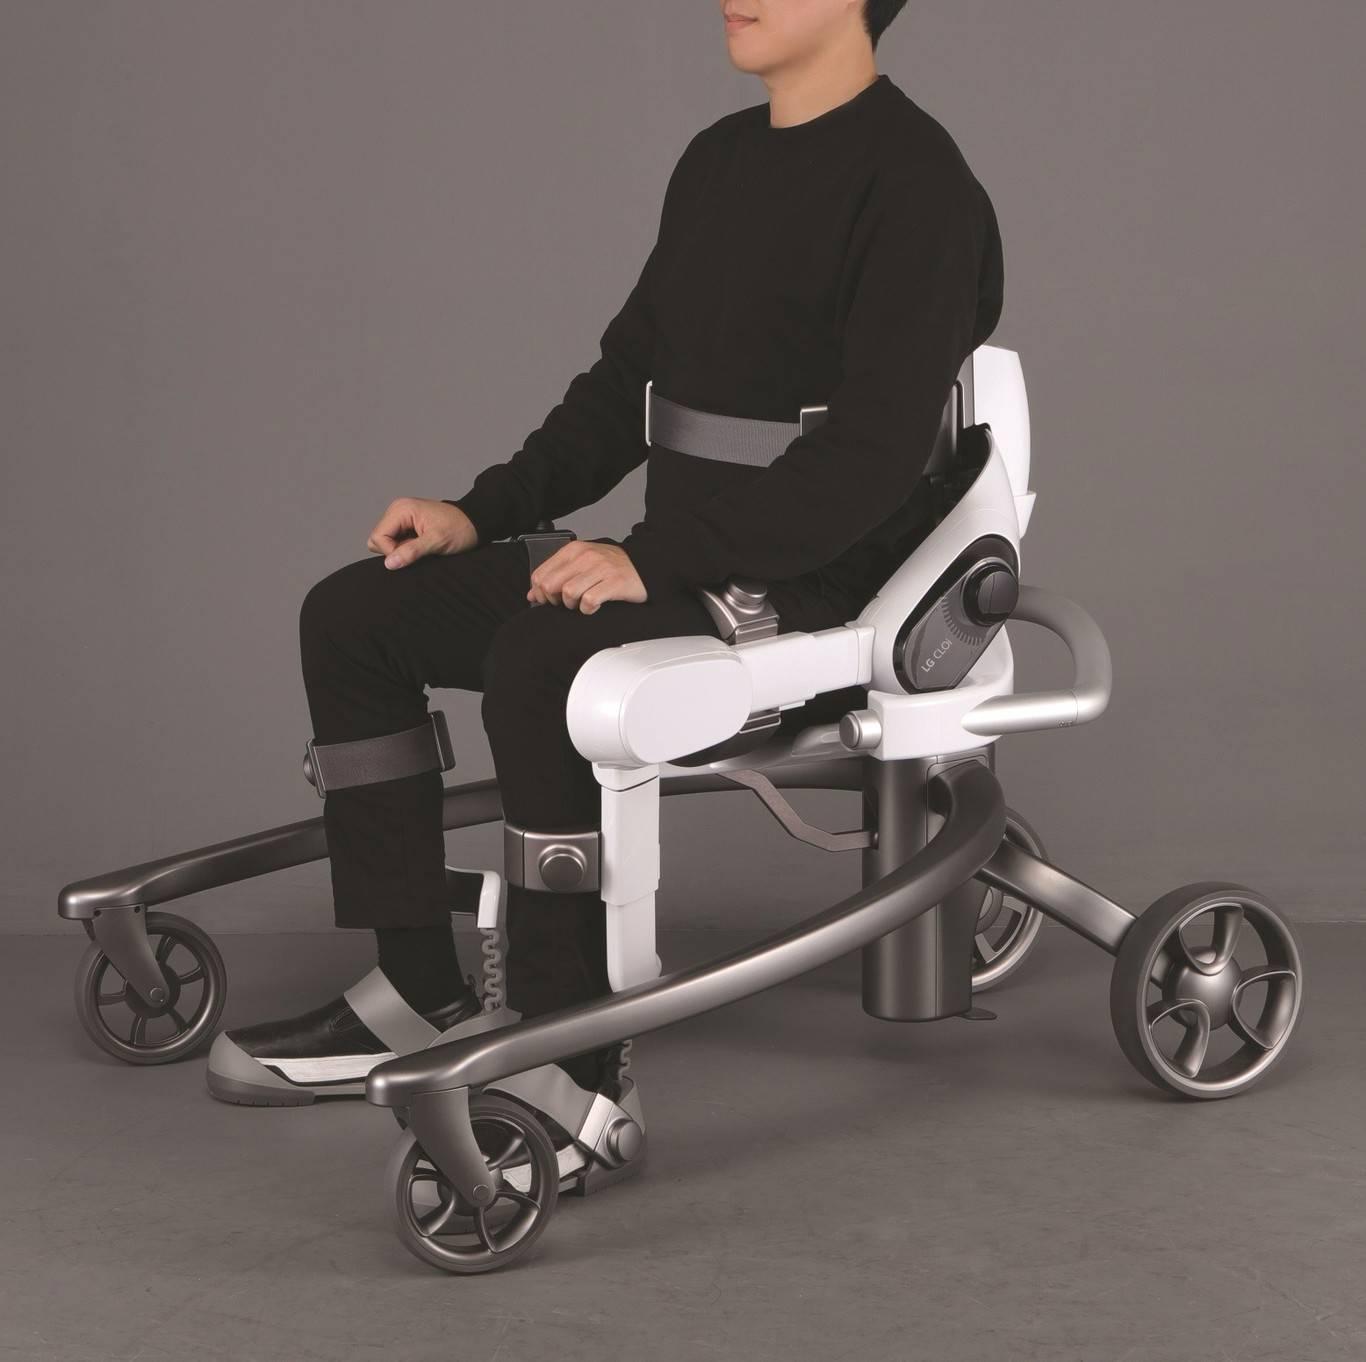 El nuevo exoesqueleto de LG potenciará las capacidades de tus piernas